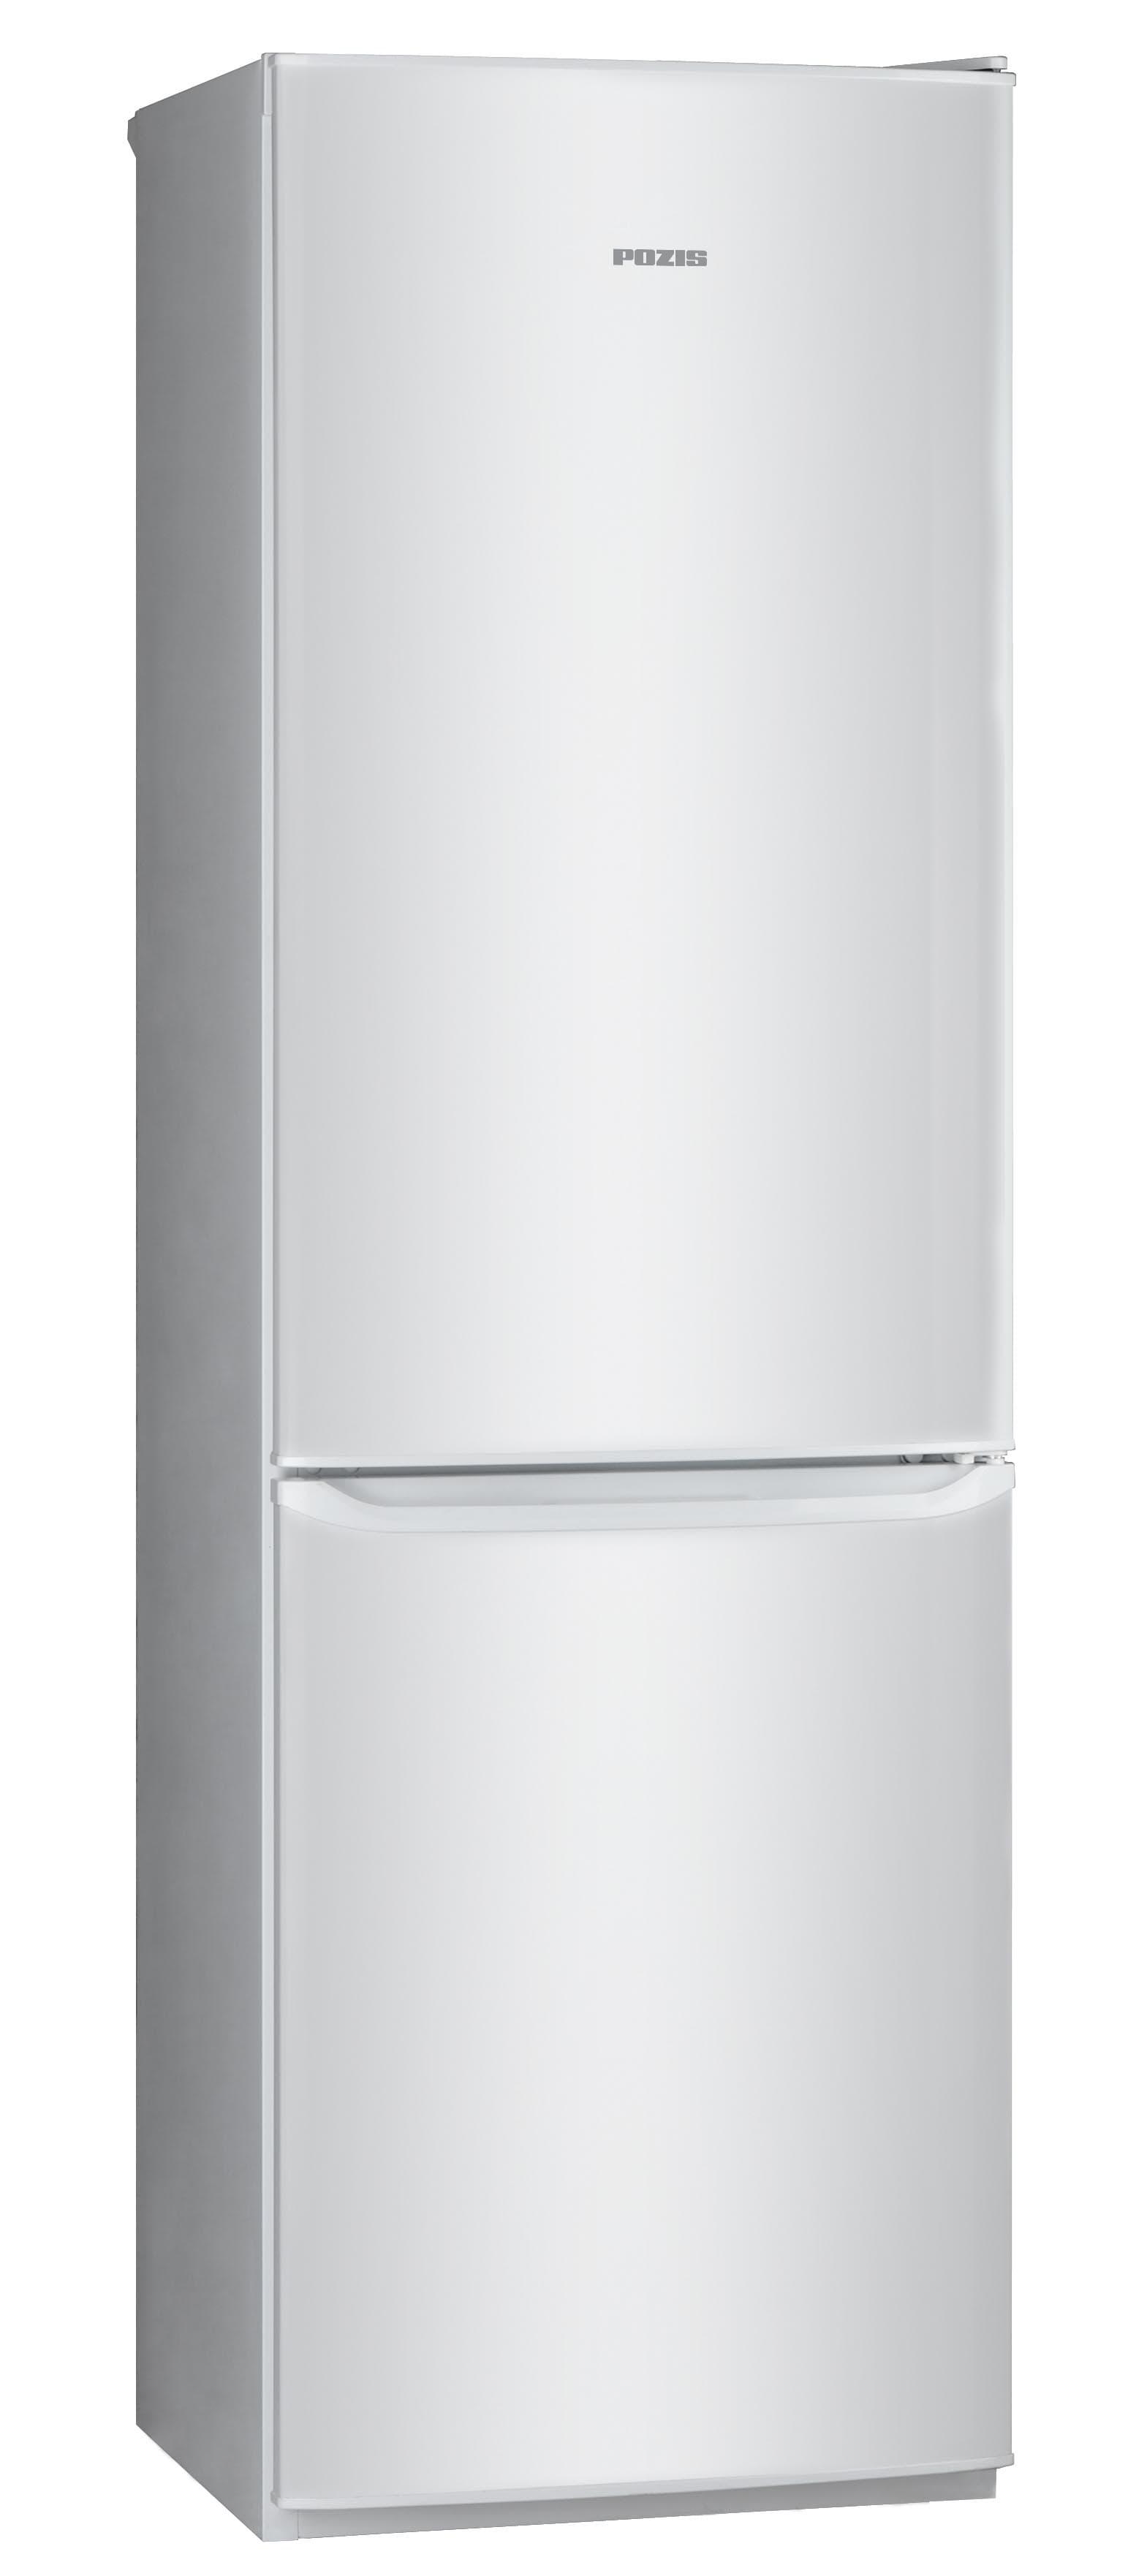 Шкаф холодильный RD-149 серебристый